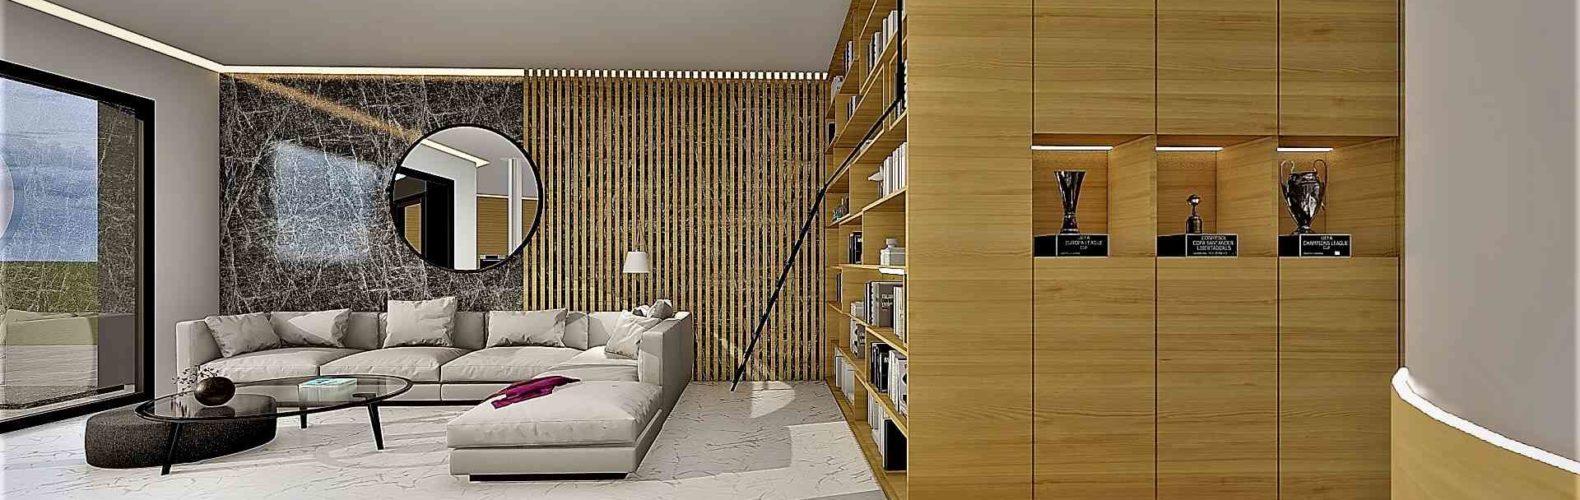 Διακόσμηση Living room